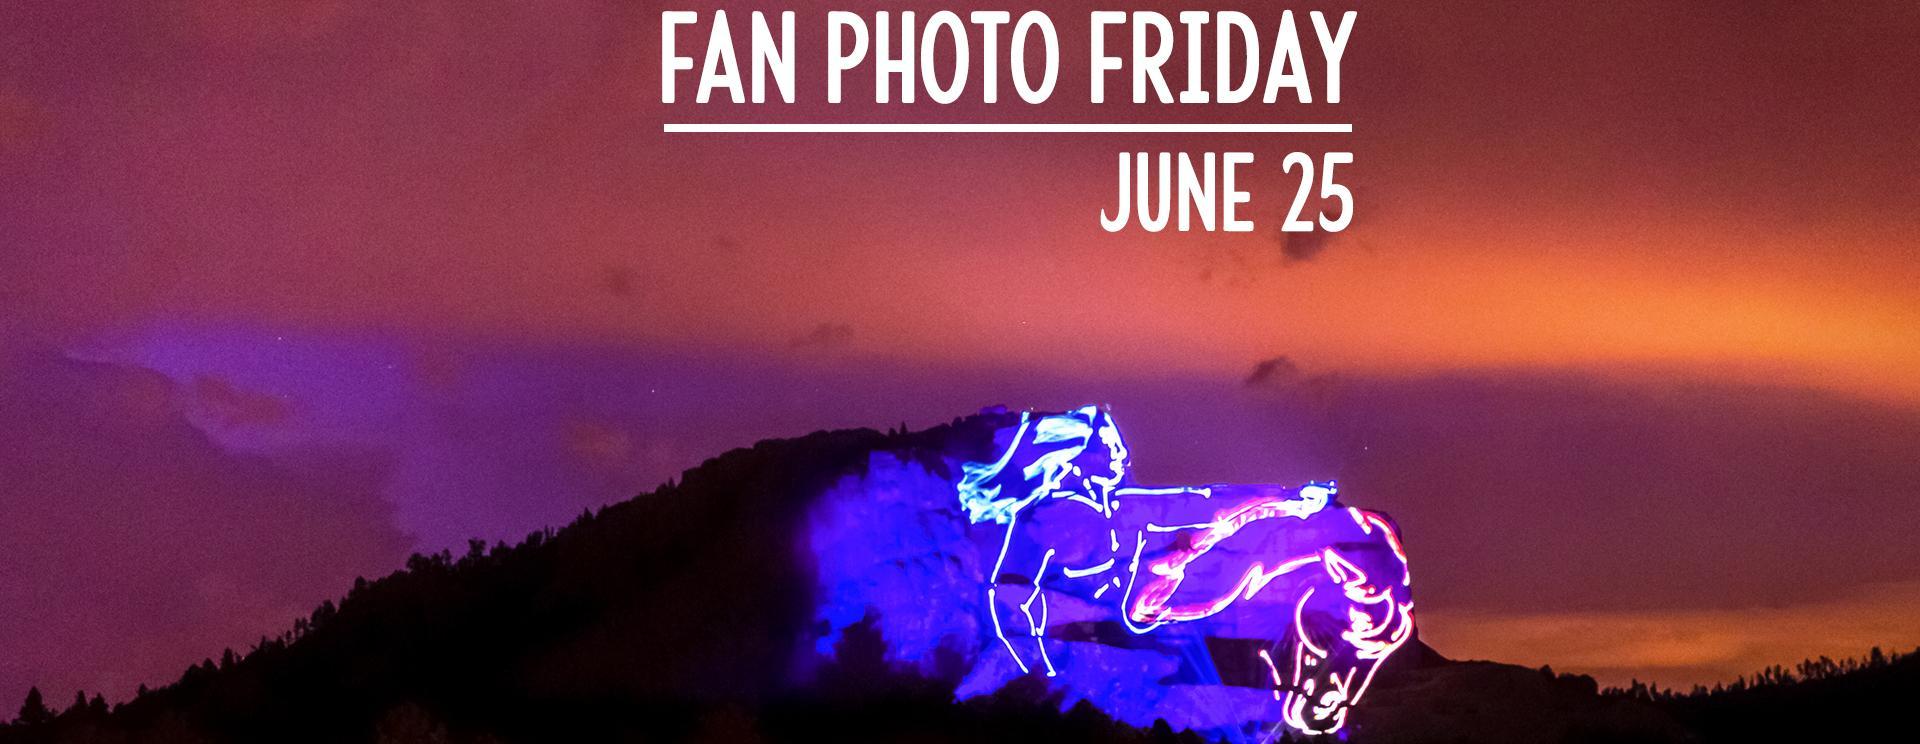 Fan Photo Friday | June 25, 2021